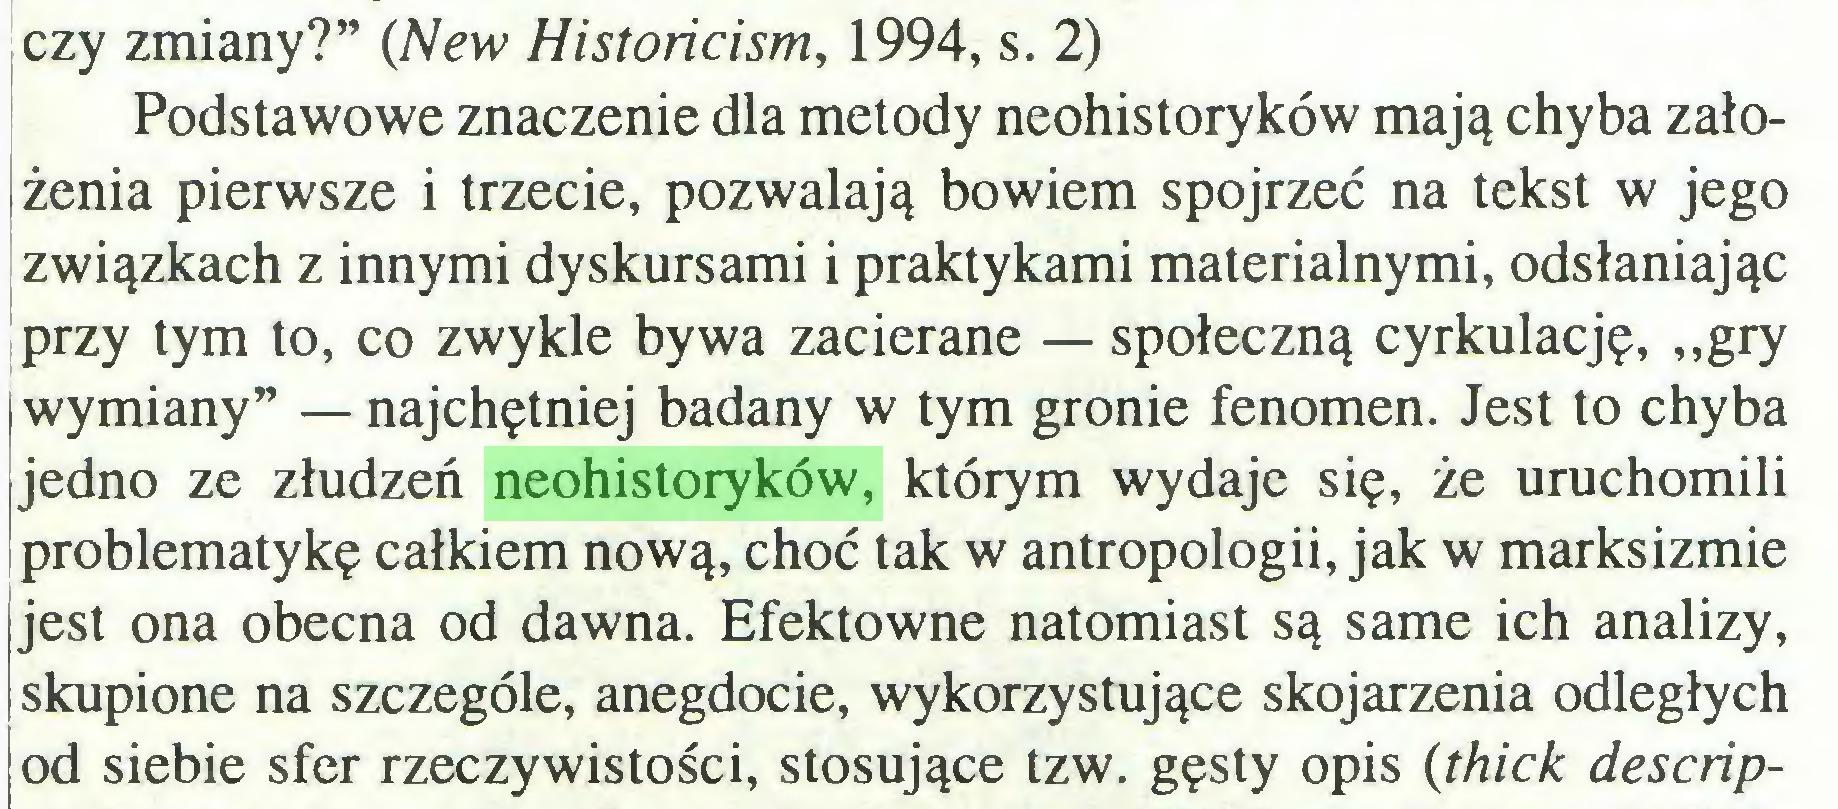 """(...) czy zmiany?"""" (New Historicism, 1994, s. 2) Podstawowe znaczenie dla metody neohistoryków mają chyba założenia pierwsze i trzecie, pozwalają bowiem spojrzeć na tekst w jego związkach z innymi dyskursami i praktykami materialnymi, odsłaniając przy tym to, co zwykle bywa zacierane — społeczną cyrkulację, """"gry (wymiany"""" — najchętniej badany w tym gronie fenomen. Jest to chyba ijedno ze złudzeń neohistoryków, którym wydaje się, że uruchomili problematykę całkiem nową, choć tak w antropologii, jak w marksizmie jest ona obecna od dawna. Efektowne natomiast są same ich analizy, skupione na szczególe, anegdocie, wykorzystujące skojarzenia odległych od siebie sfer rzeczywistości, stosujące tzw. gęsty opis (thick descrip..."""